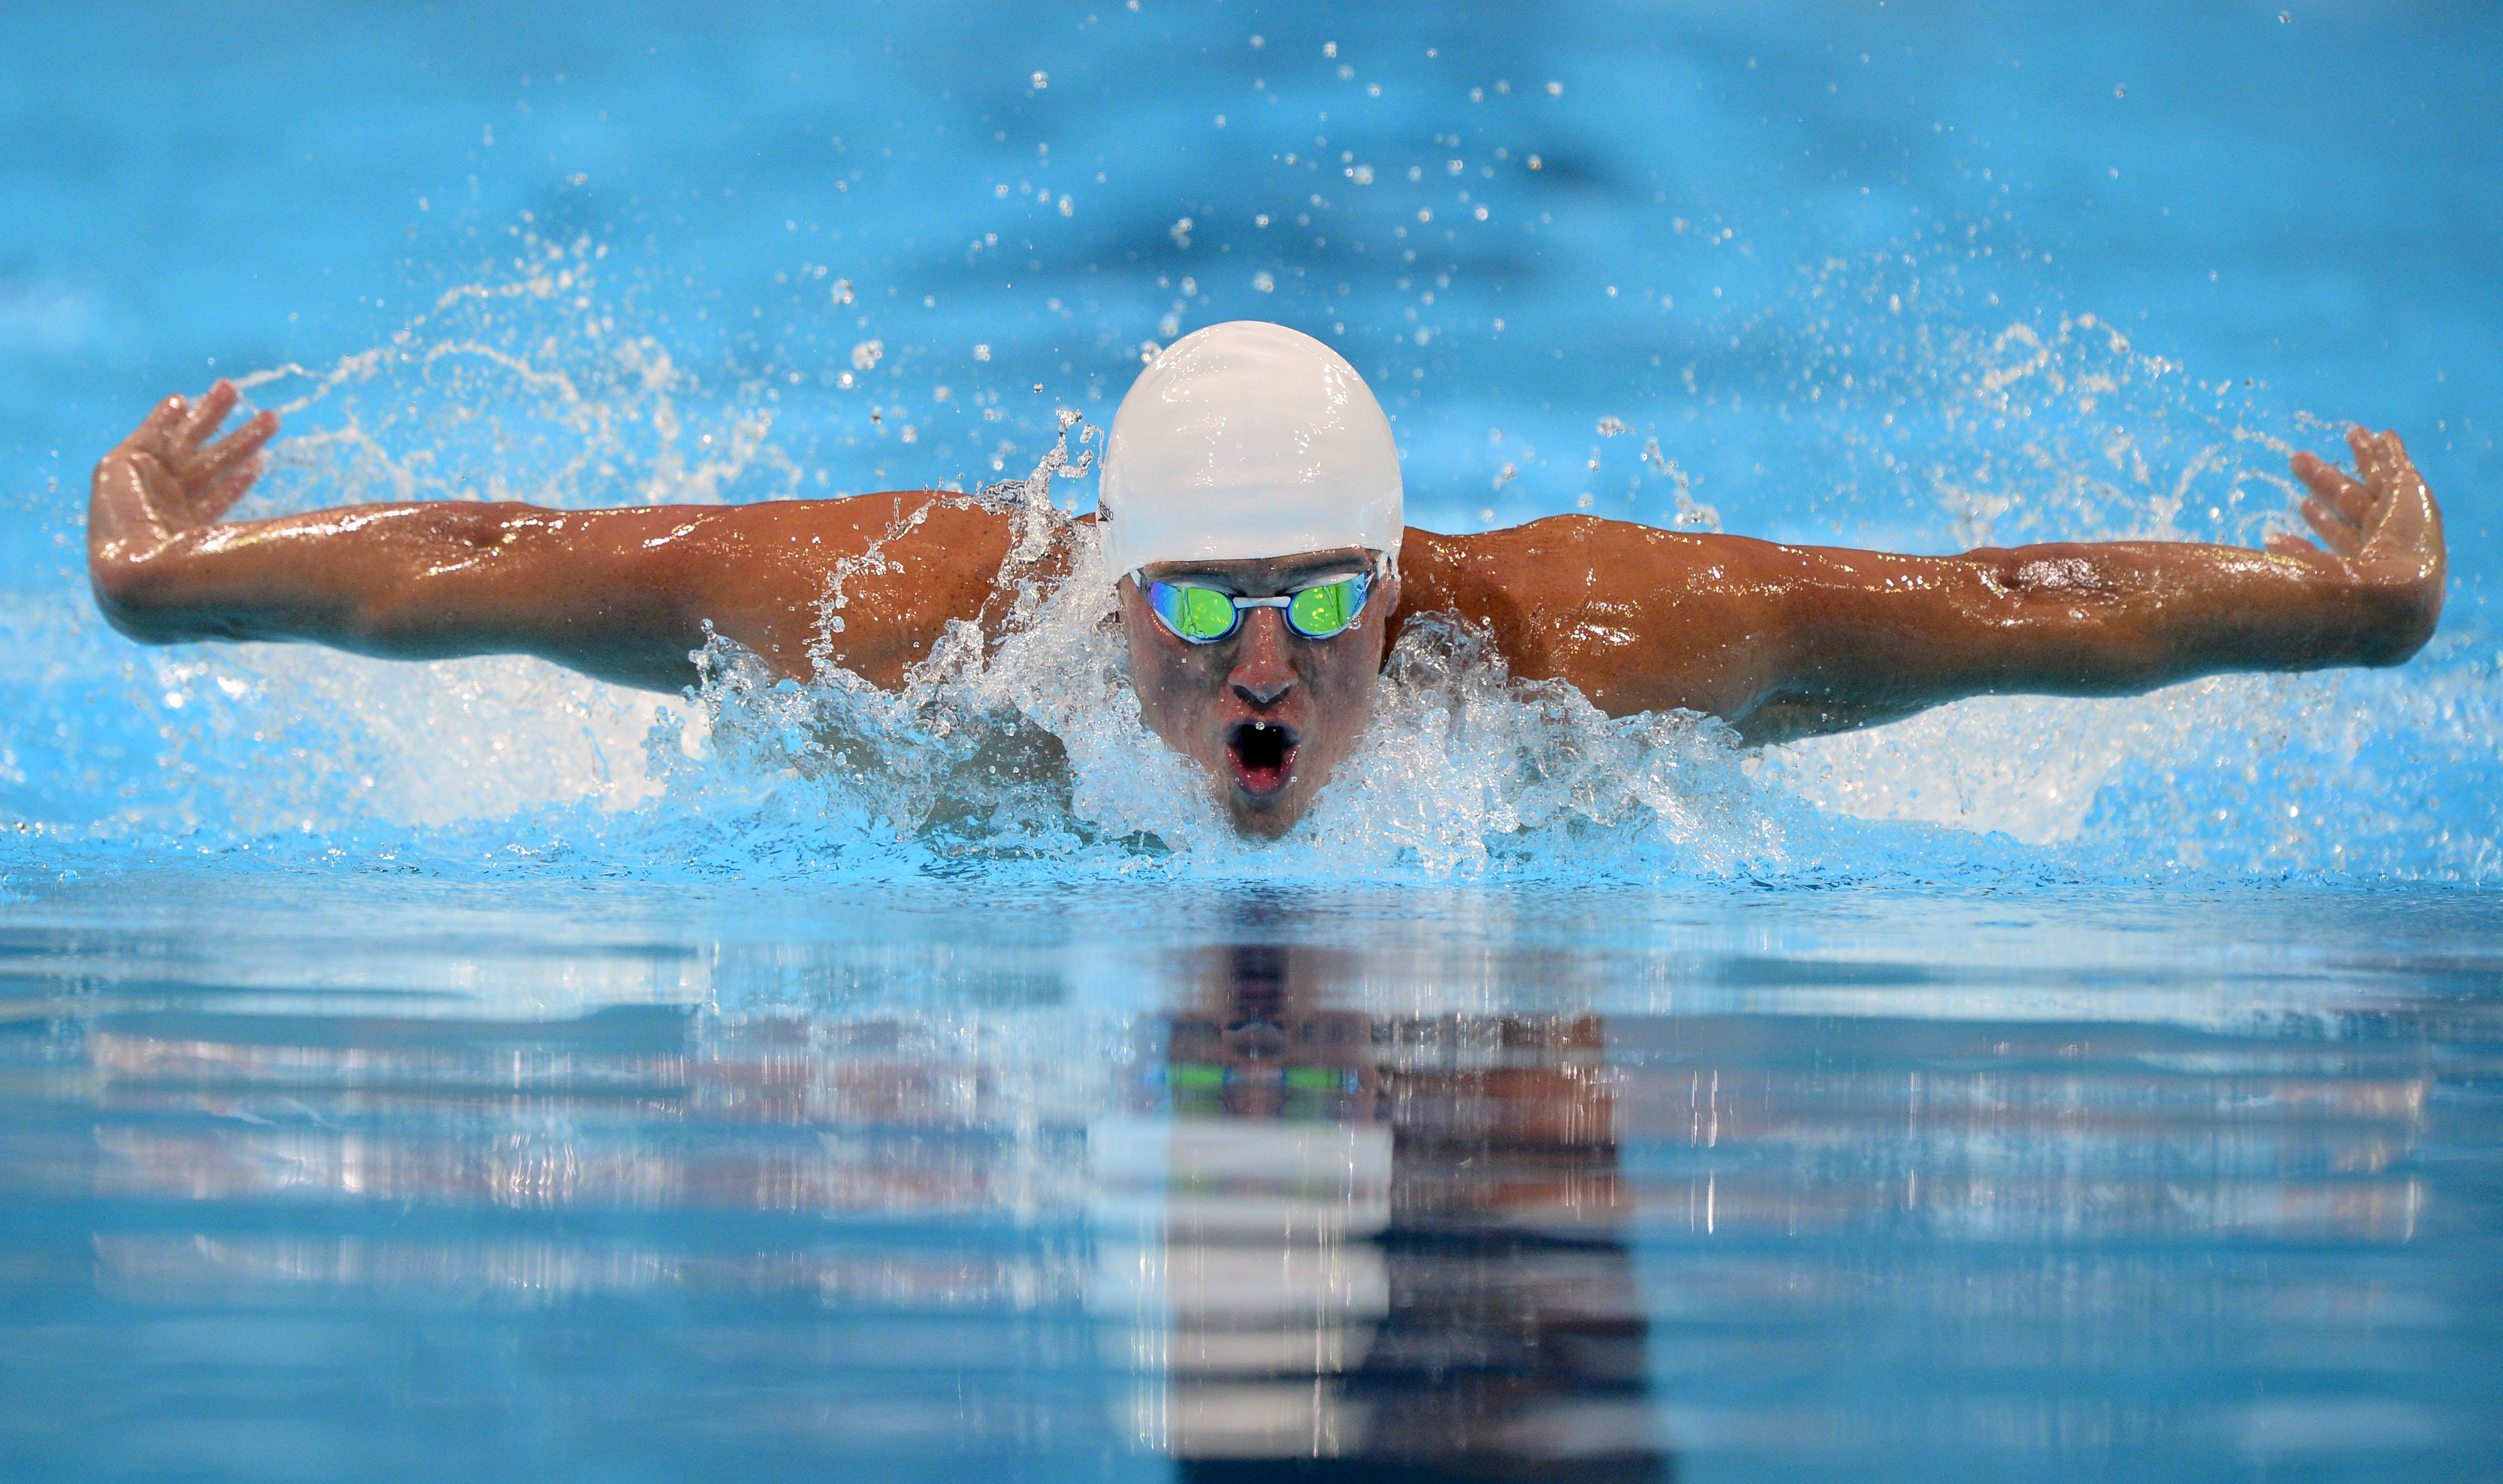 Bơi cũng giúp tăng chiều cao khi ở tuổi trưởng thành